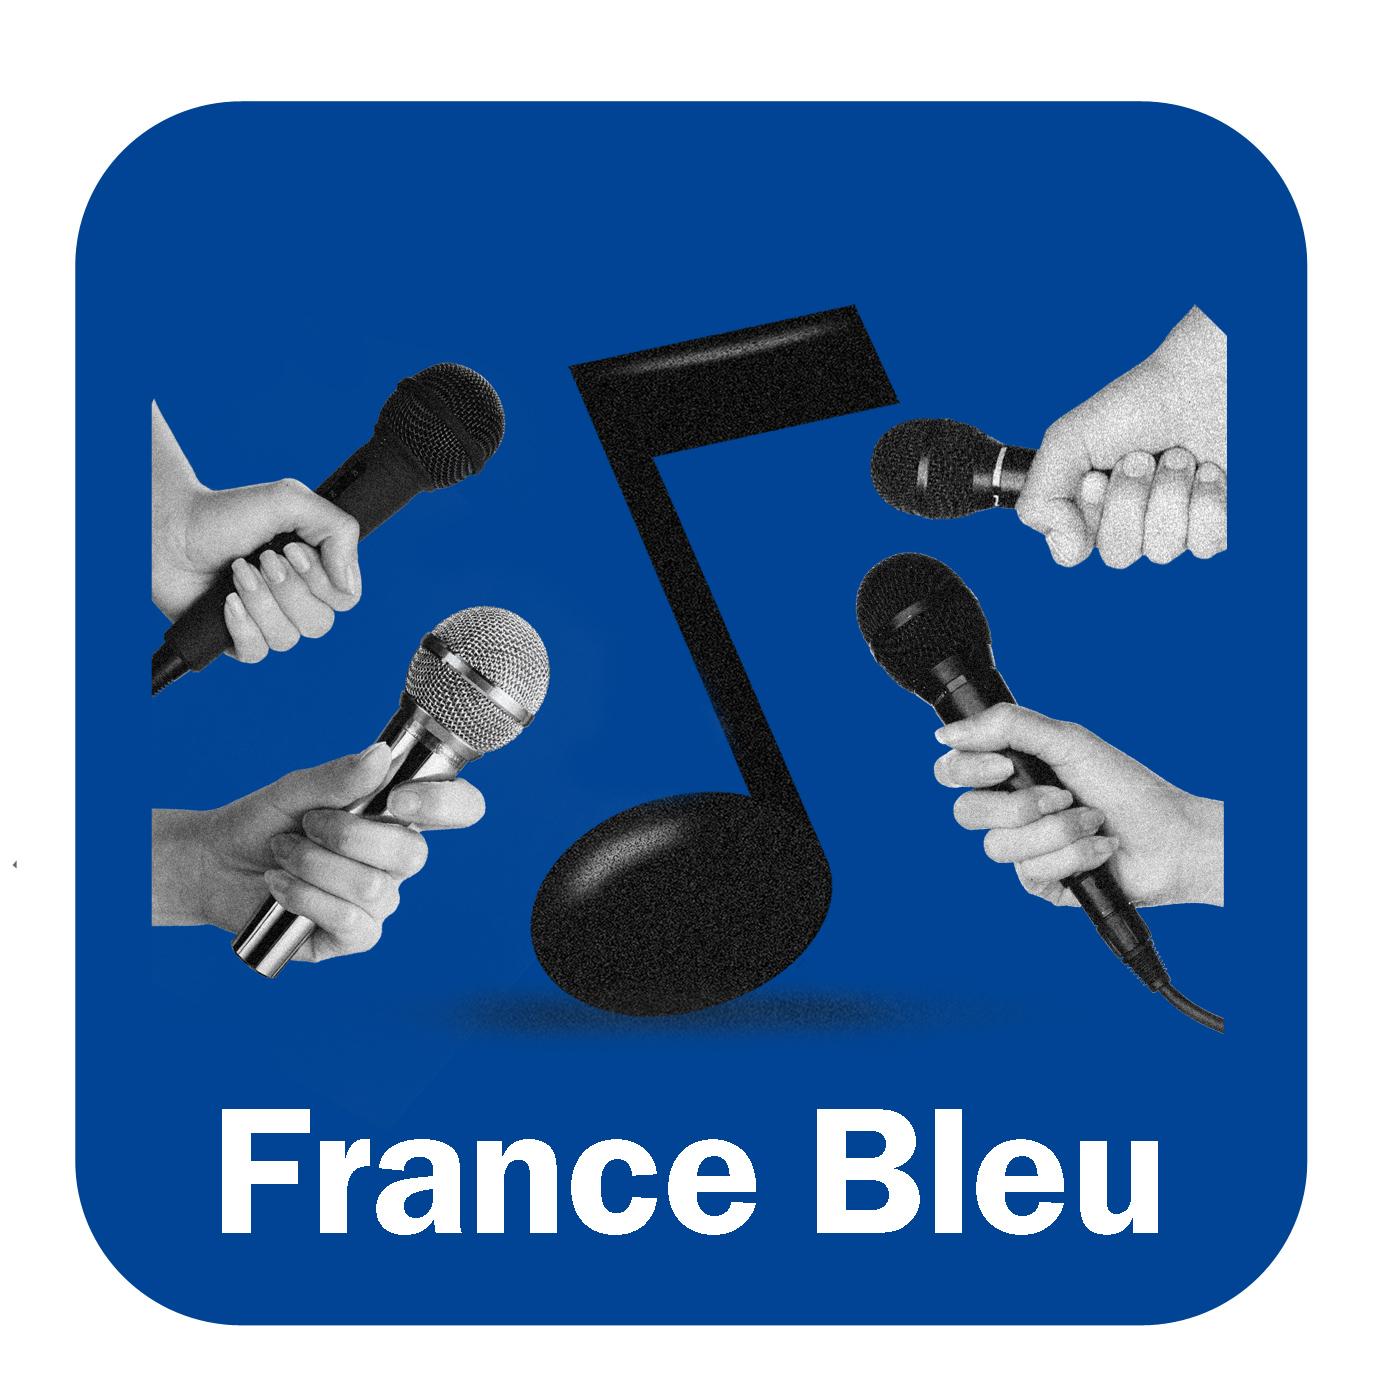 L'actu musique France Bleu